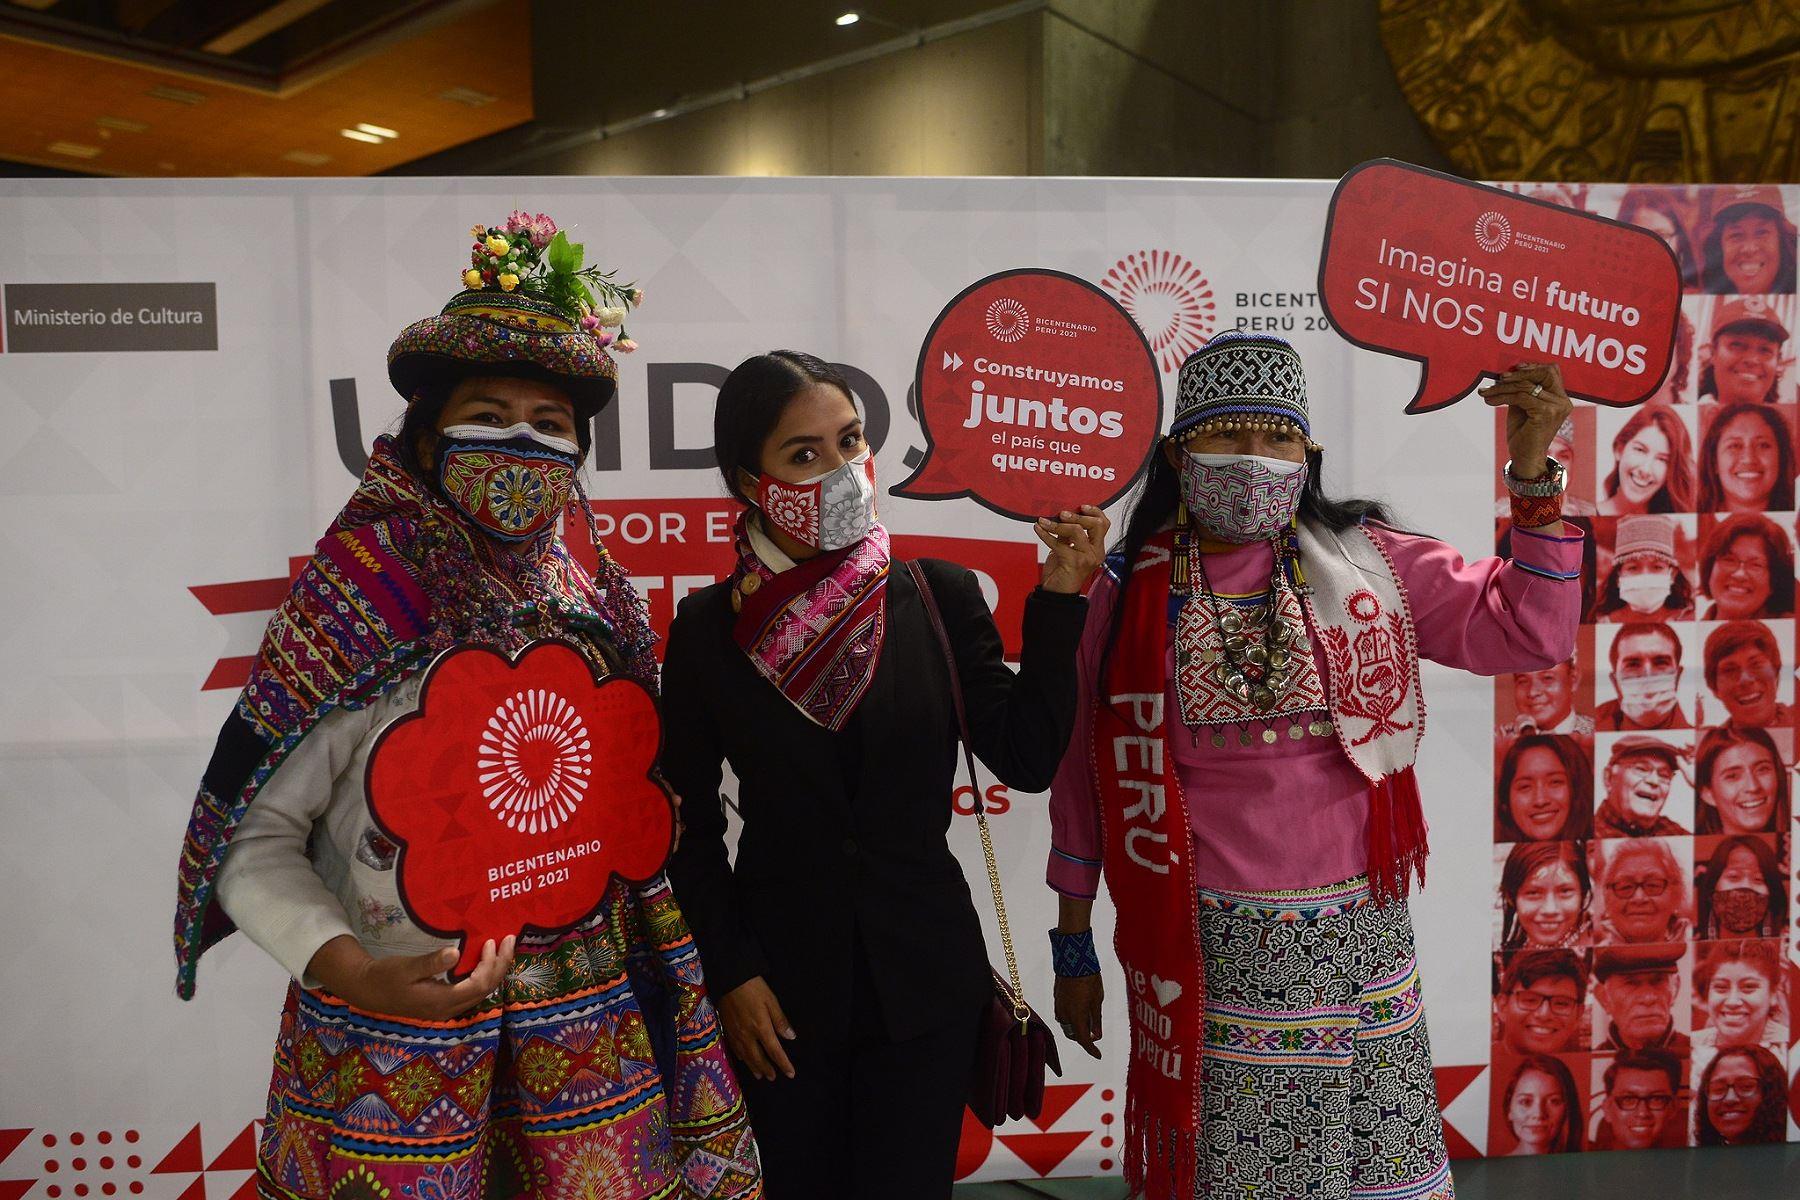 """Campaña """"Unidos por el Bicentenario"""": así se rendirá homenaje al Perú"""